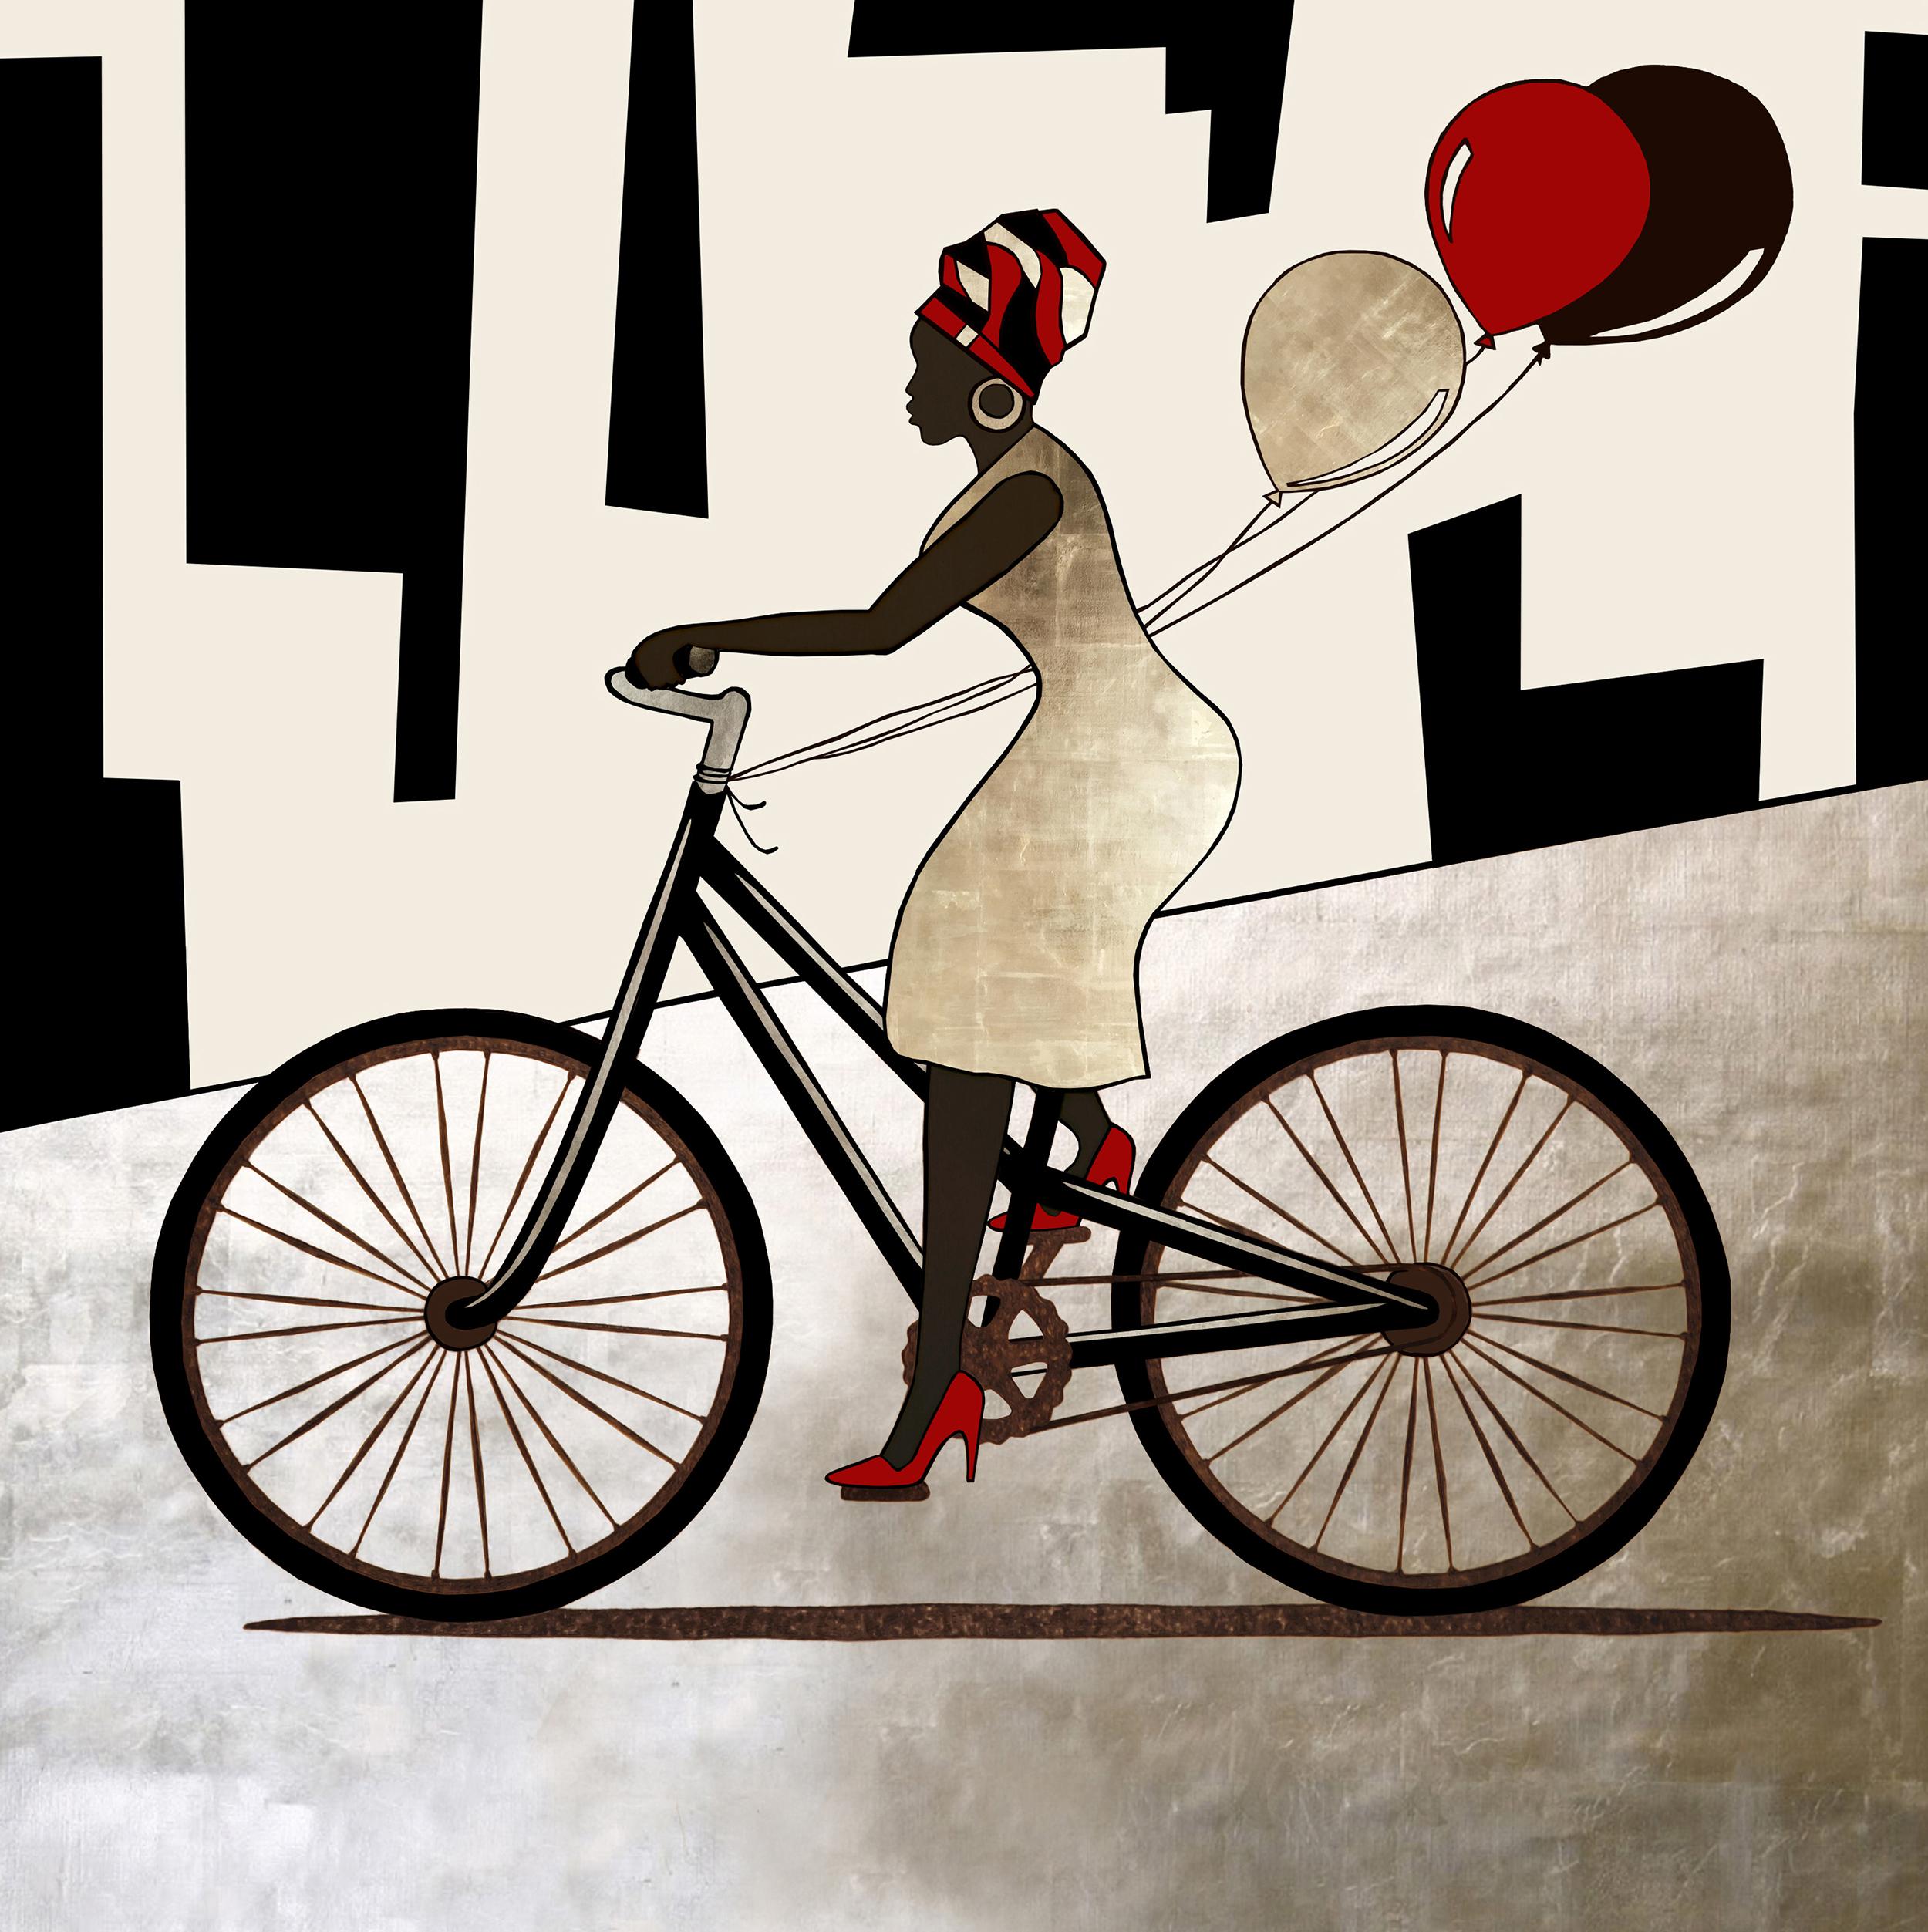 Samanta_Tello_Fancy_Women_on_Bikes_balloons.jpg